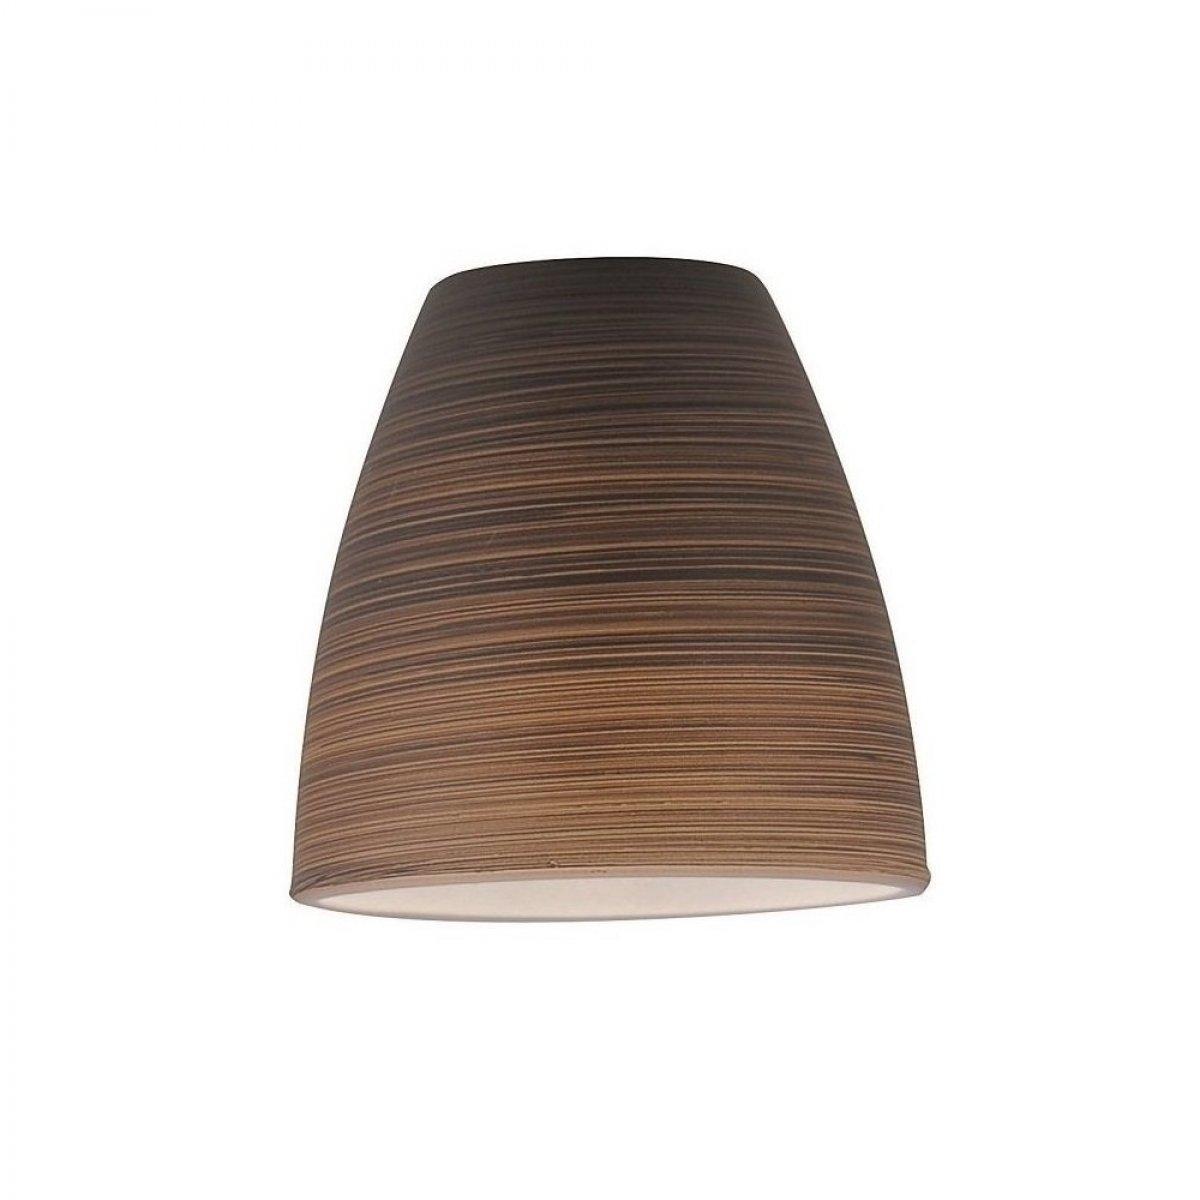 fischer m6 glas lampenschirm no 33770 glas graubraun gewischt eur 10 00 leuchten lampen. Black Bedroom Furniture Sets. Home Design Ideas